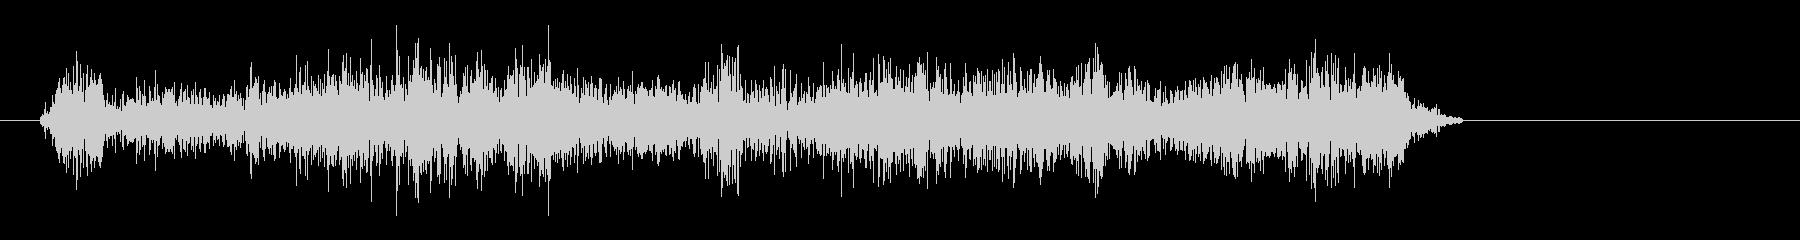 レーザービーム・宇宙人の声の未再生の波形